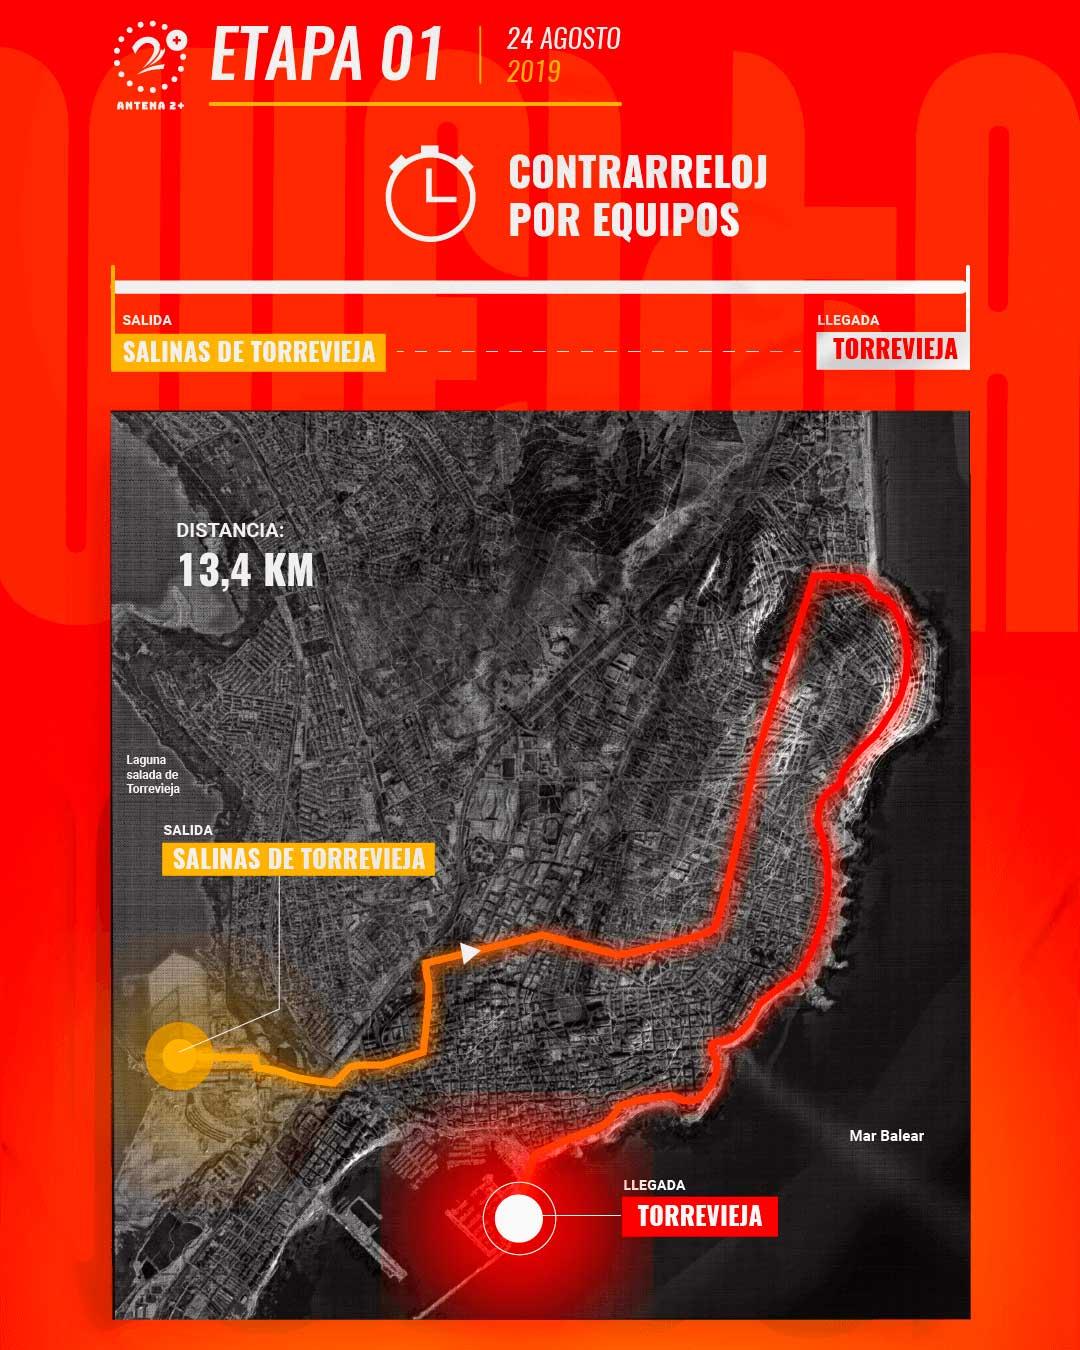 Etapa 1, Vuelta a España 2019